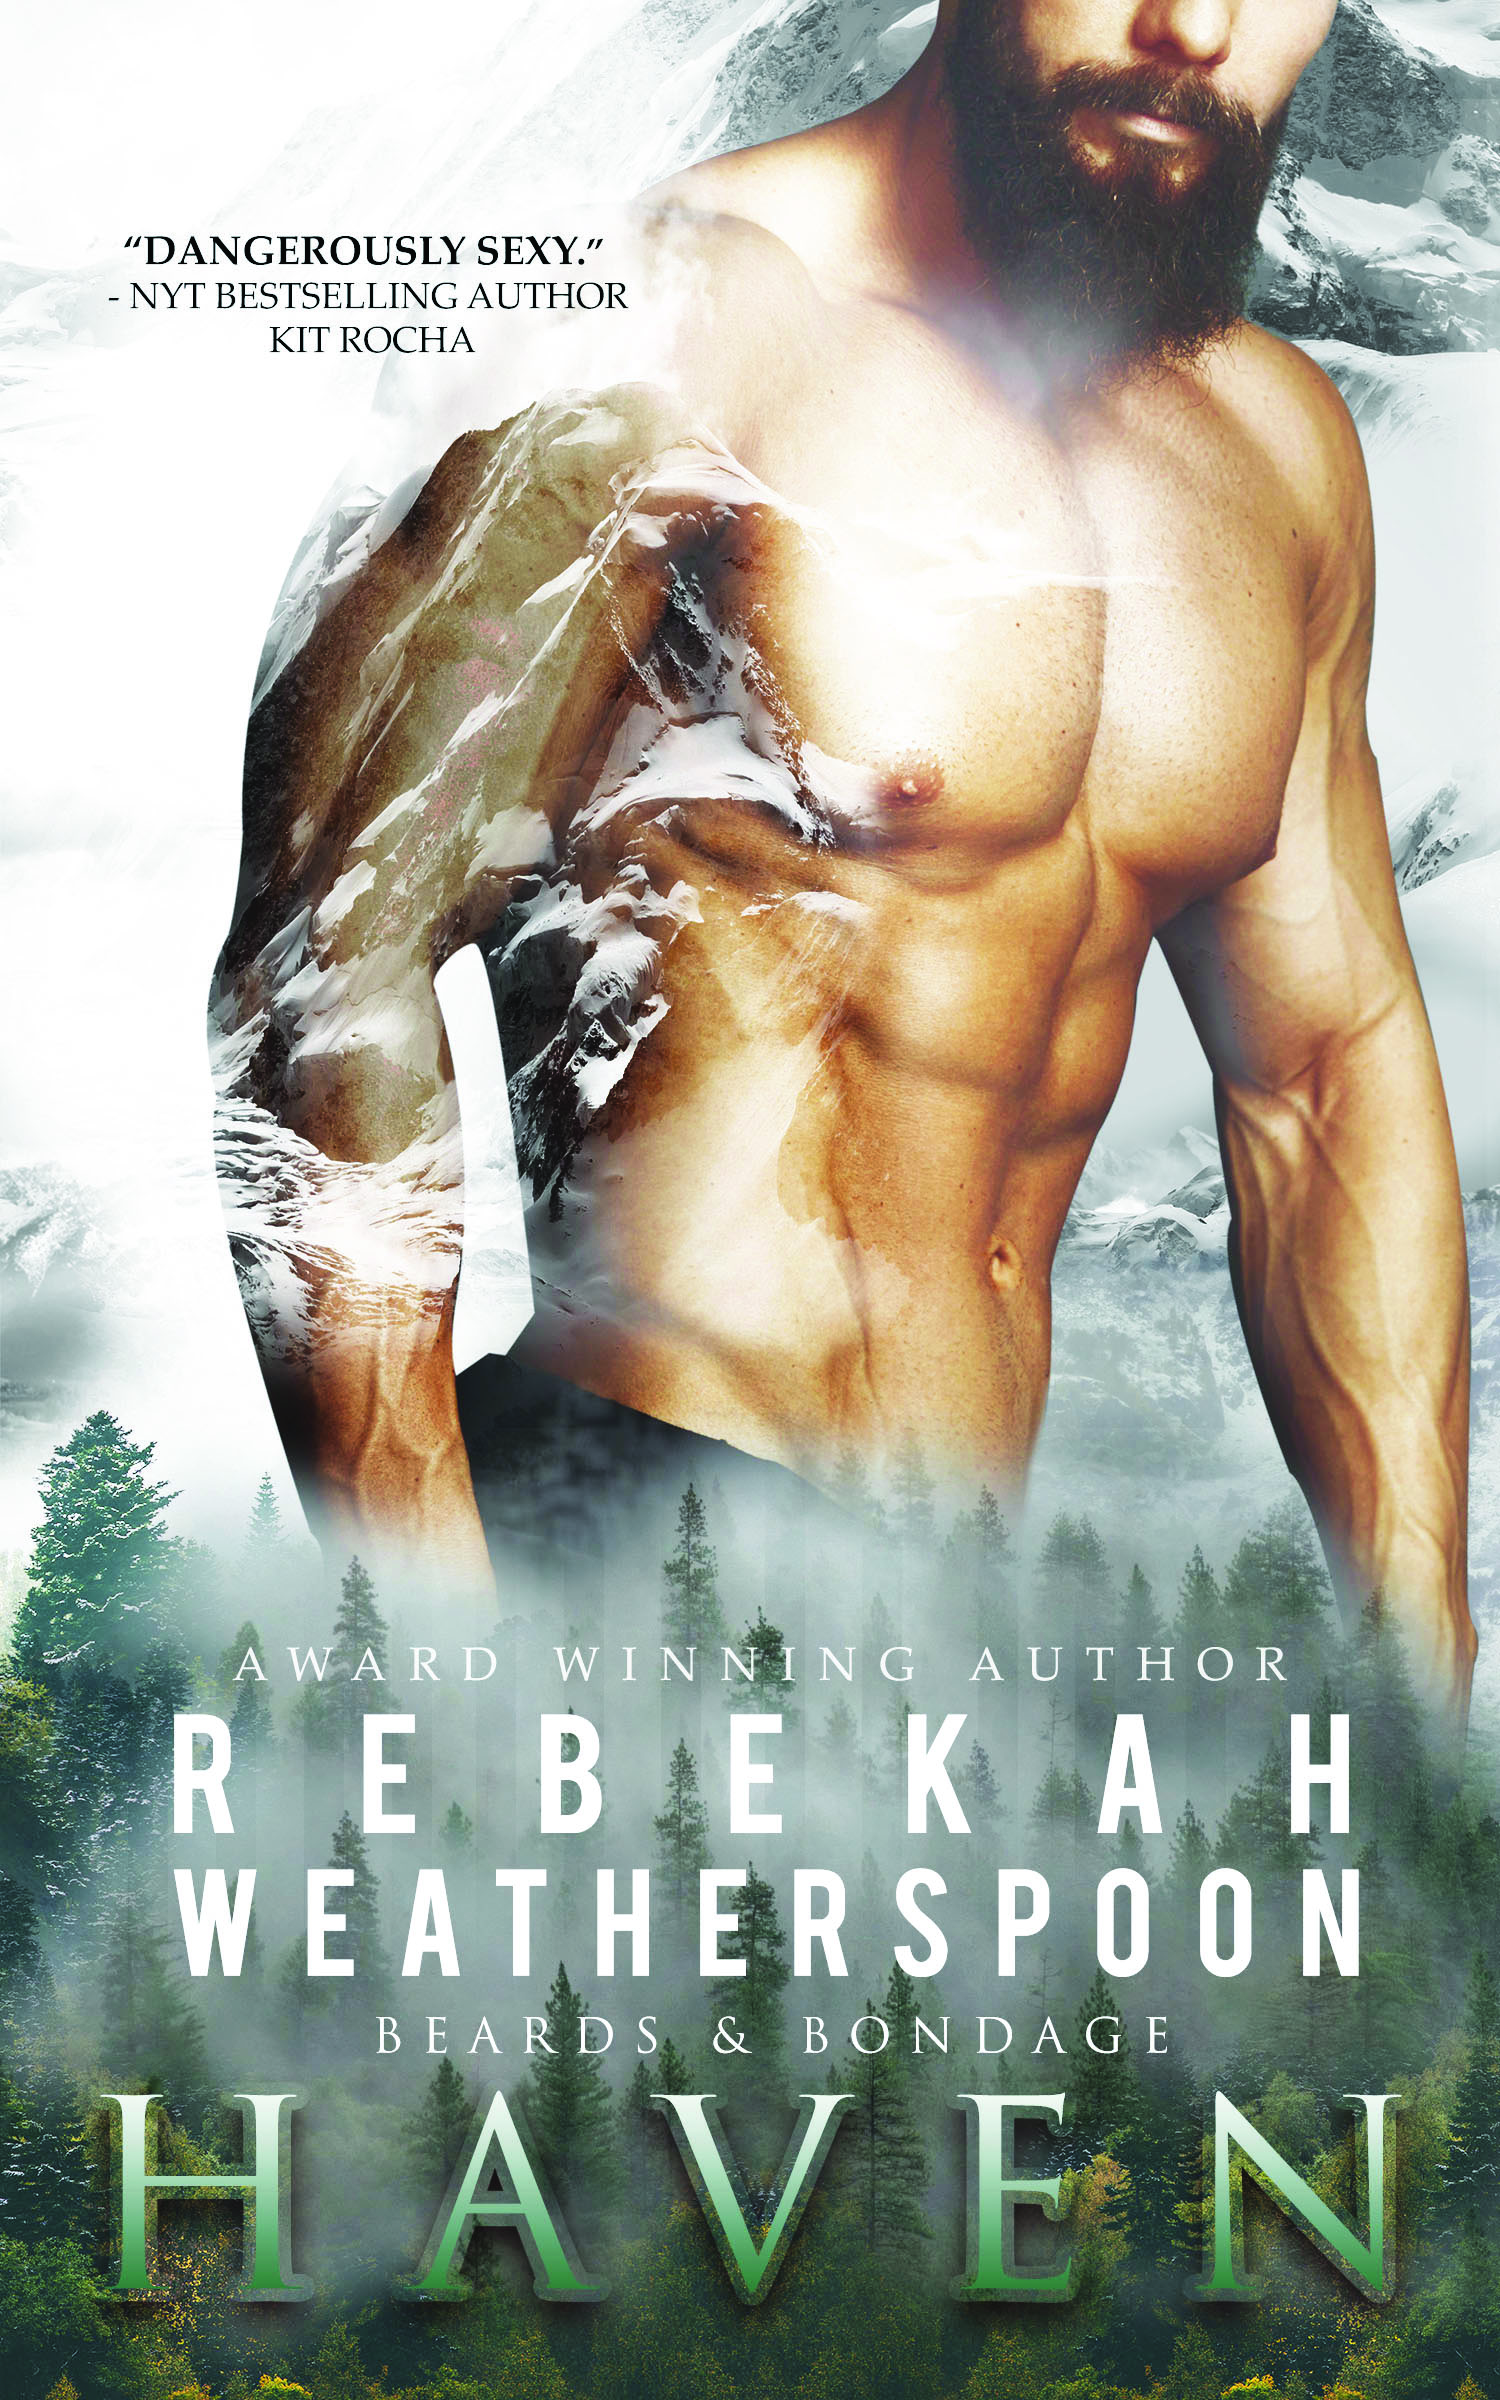 Haven by Rebekah Weatherspoon